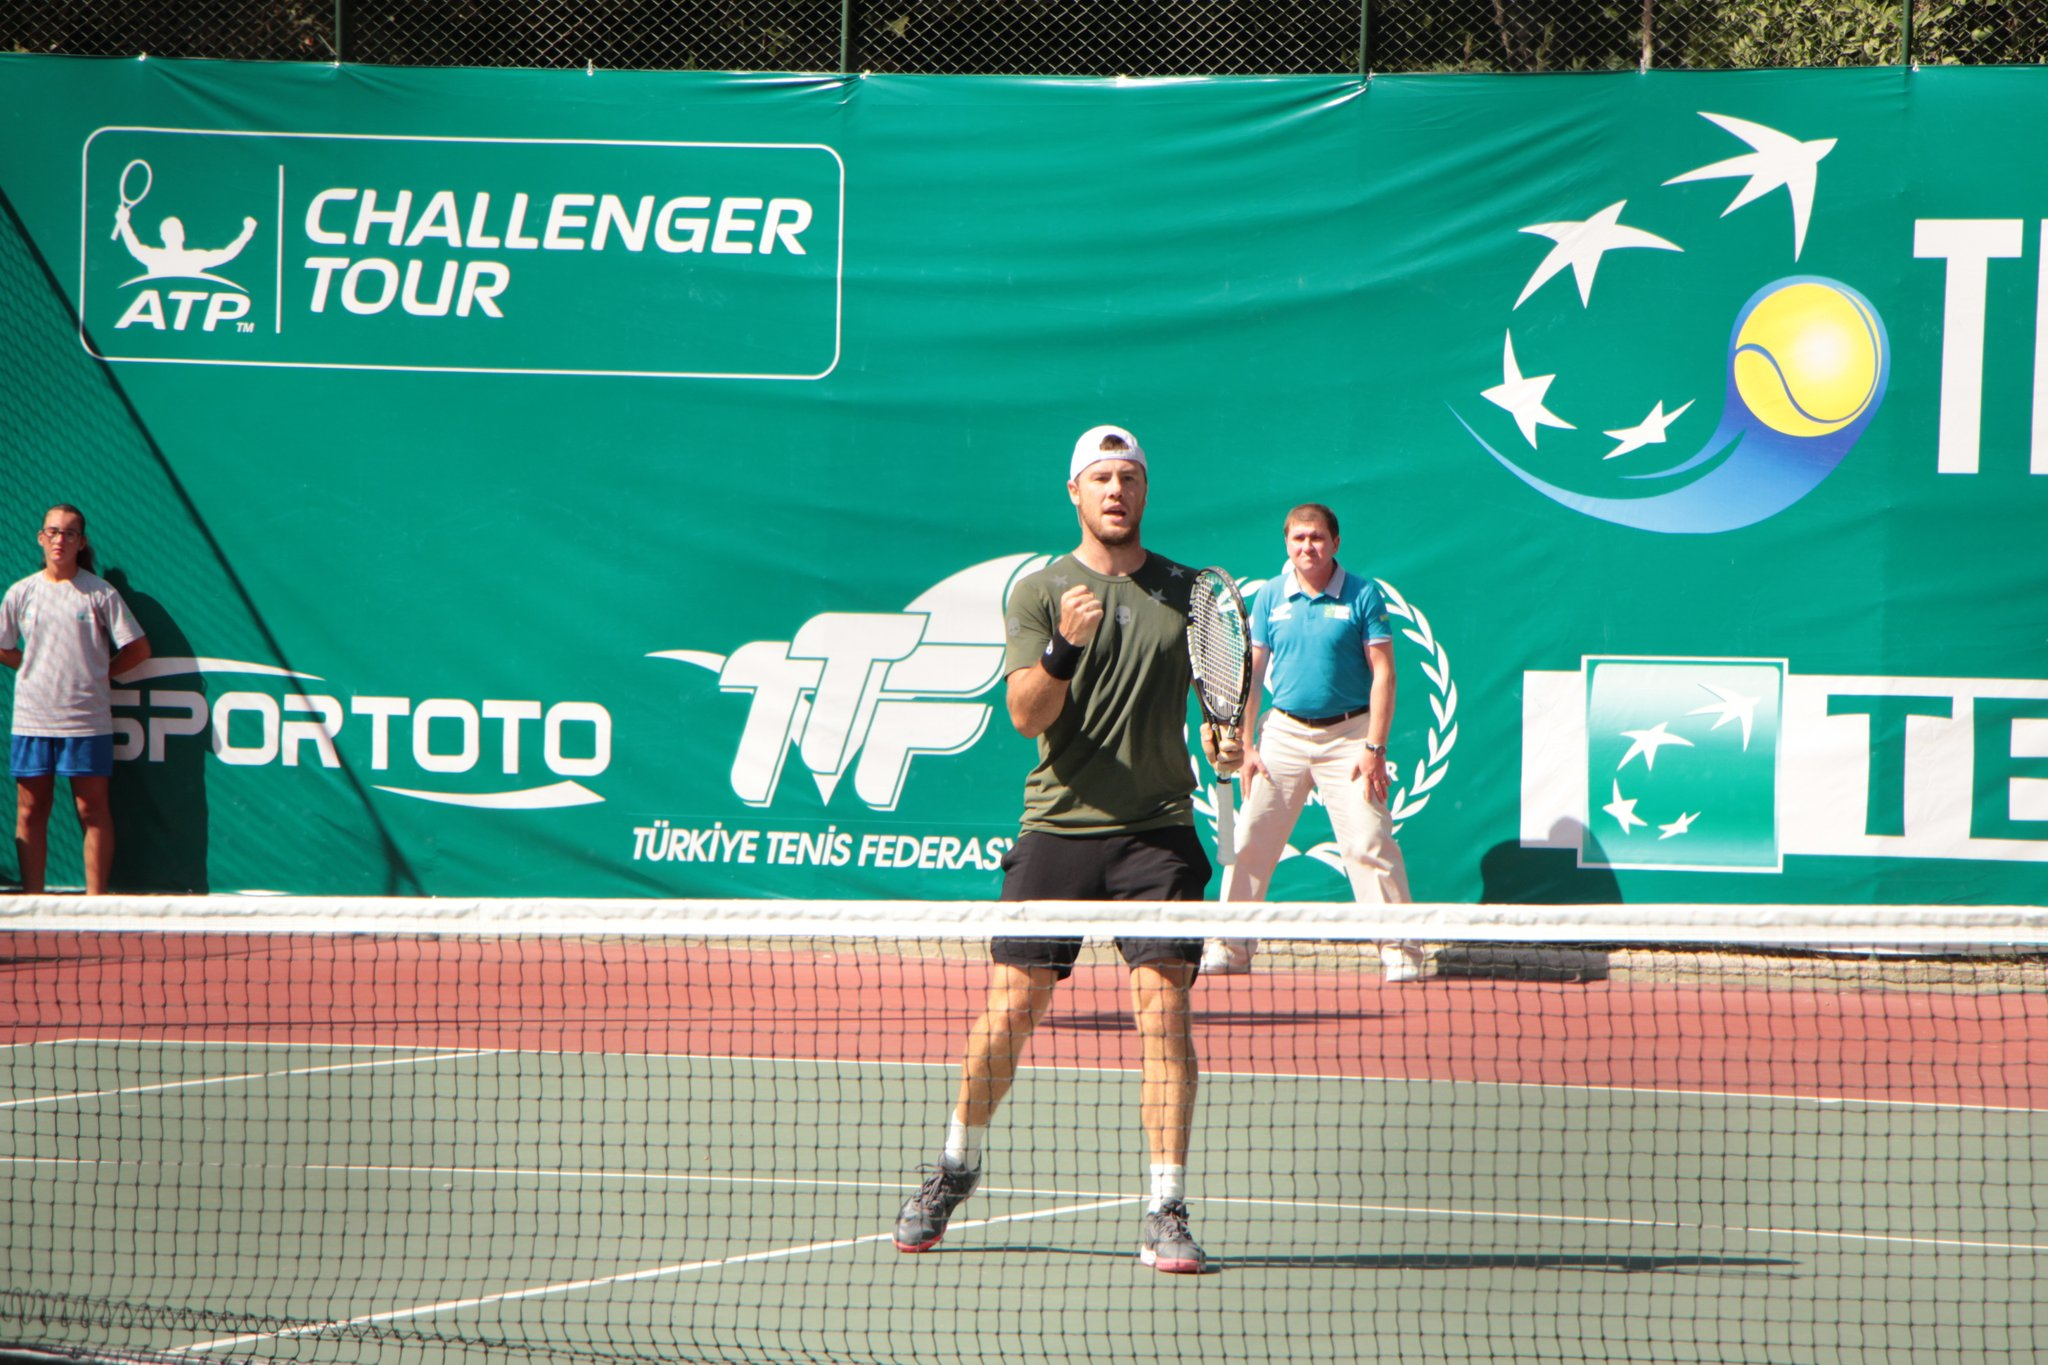 Марченко выигрывает титул на челленджере в Измире